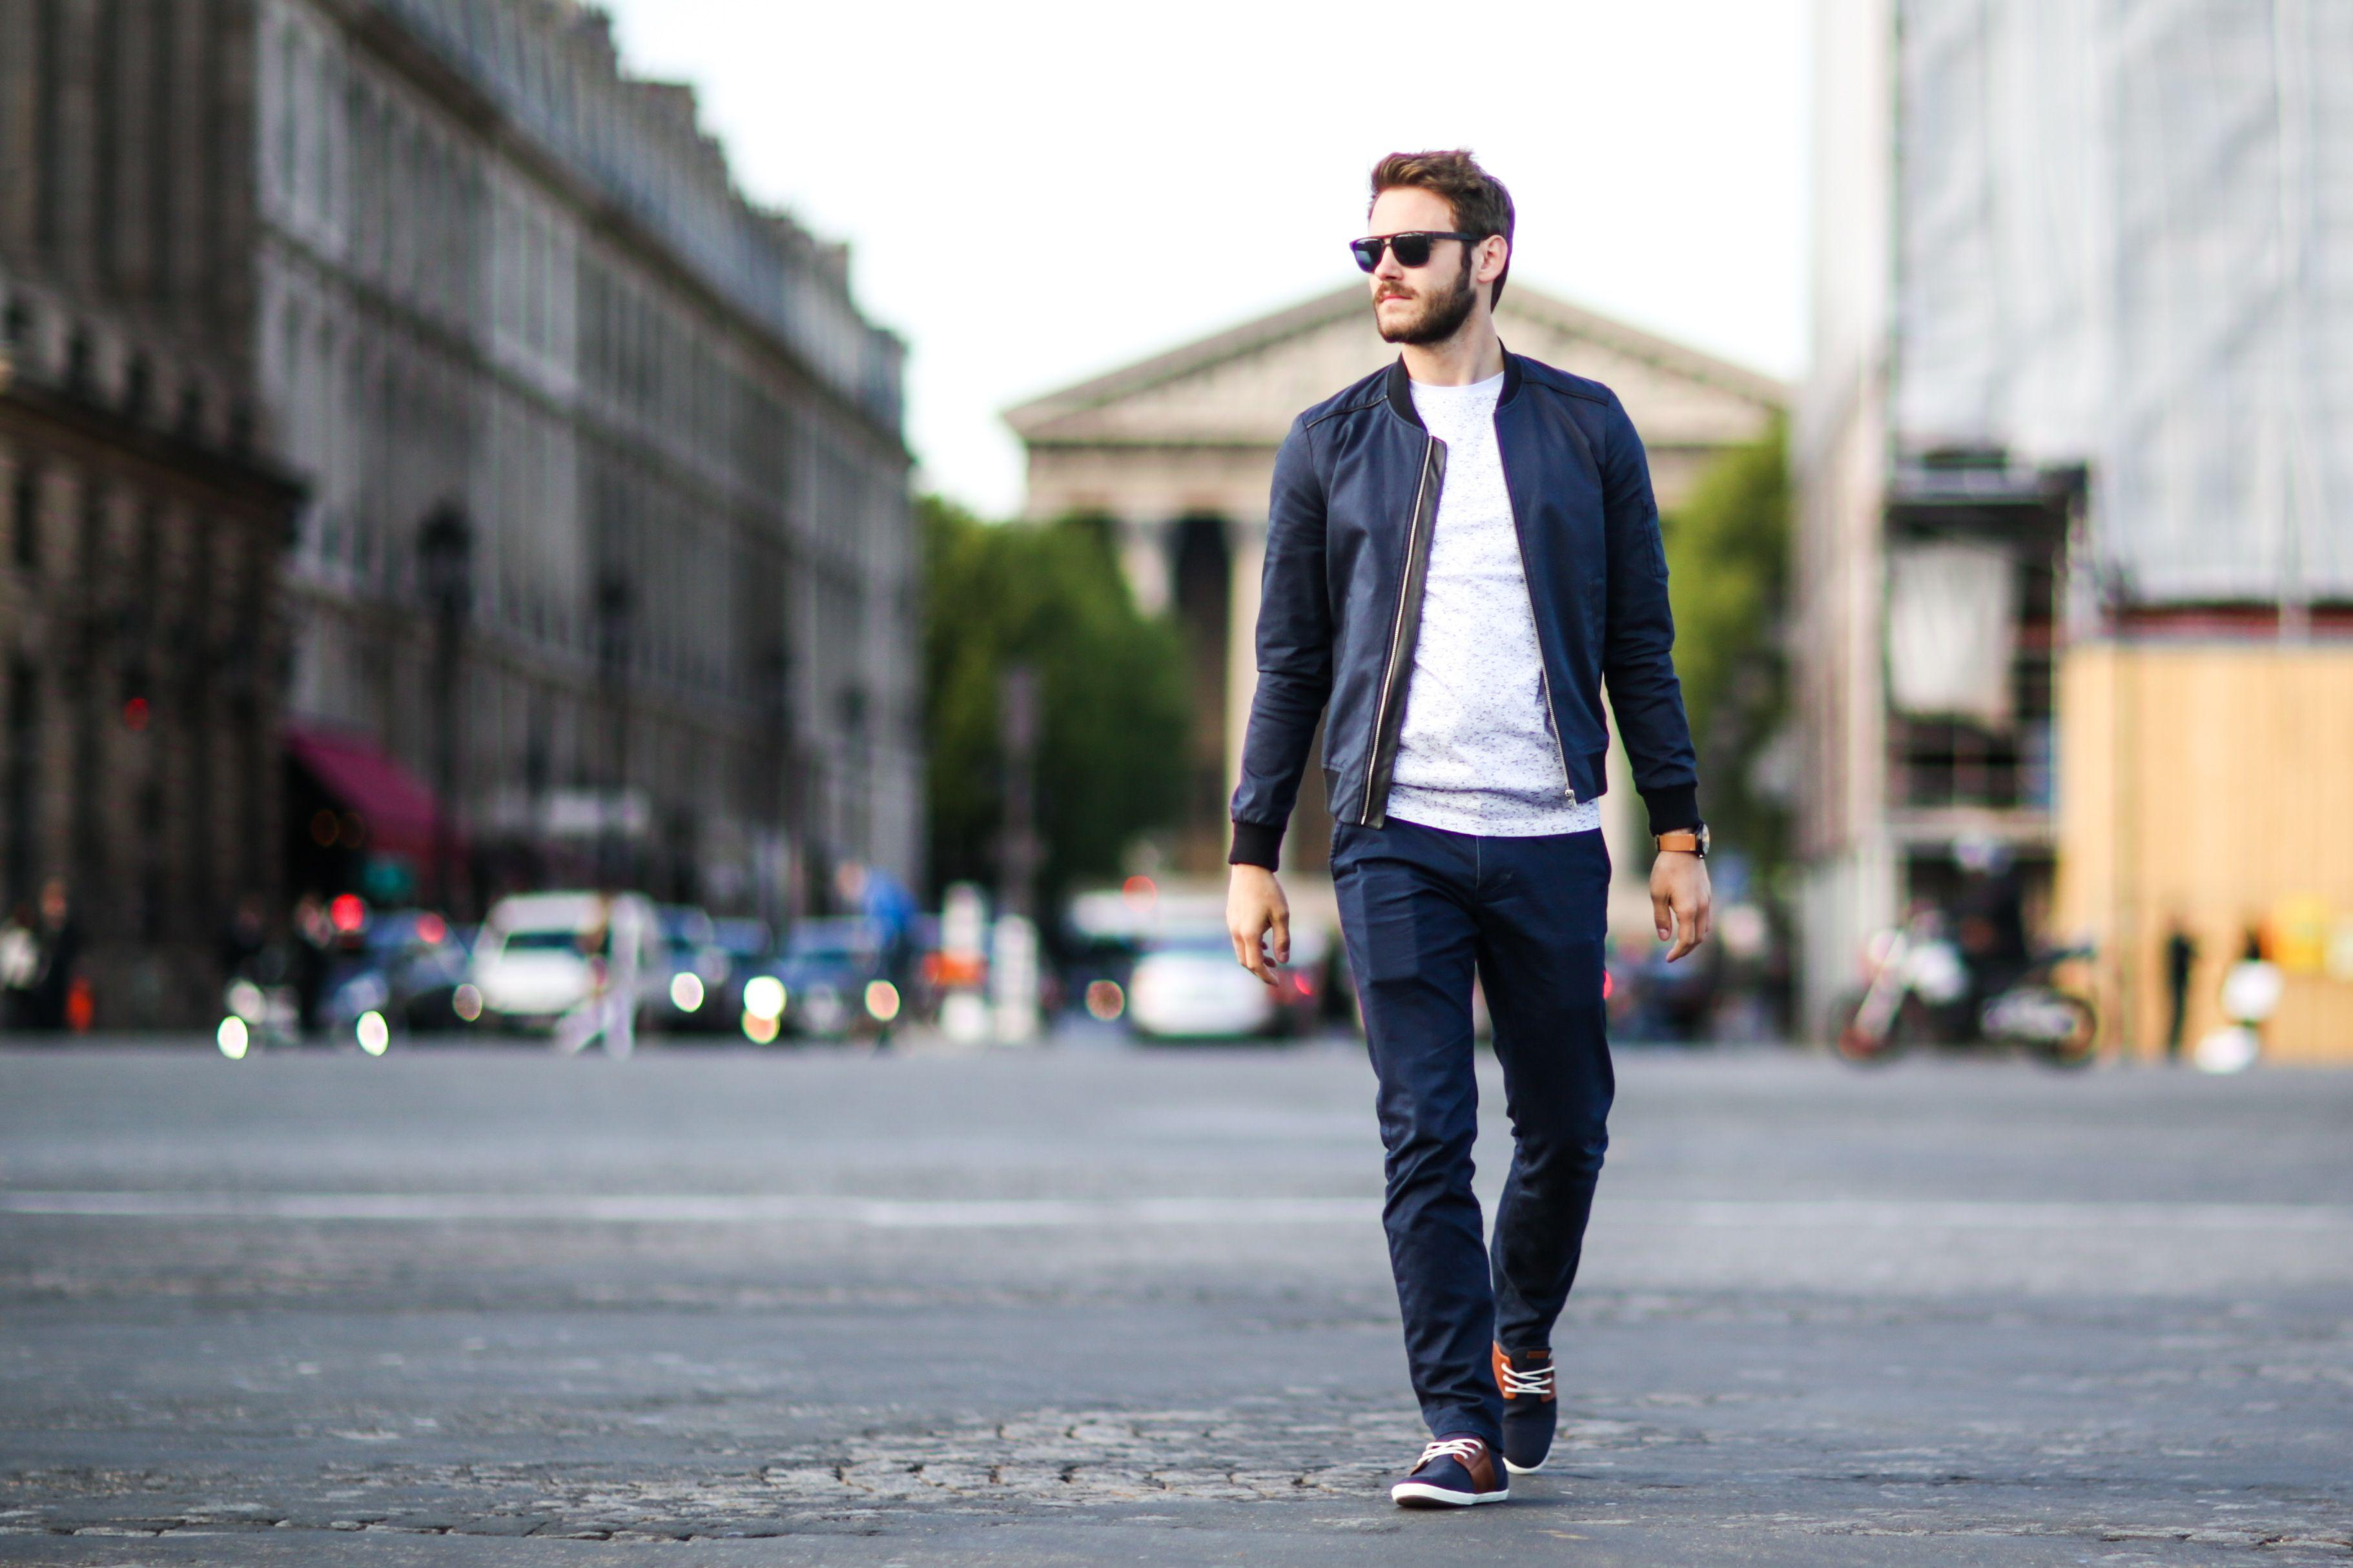 new style 8ca6f 825d9 Chino: i pantaloni uomo dell'estate 2018 sono da abbinare così